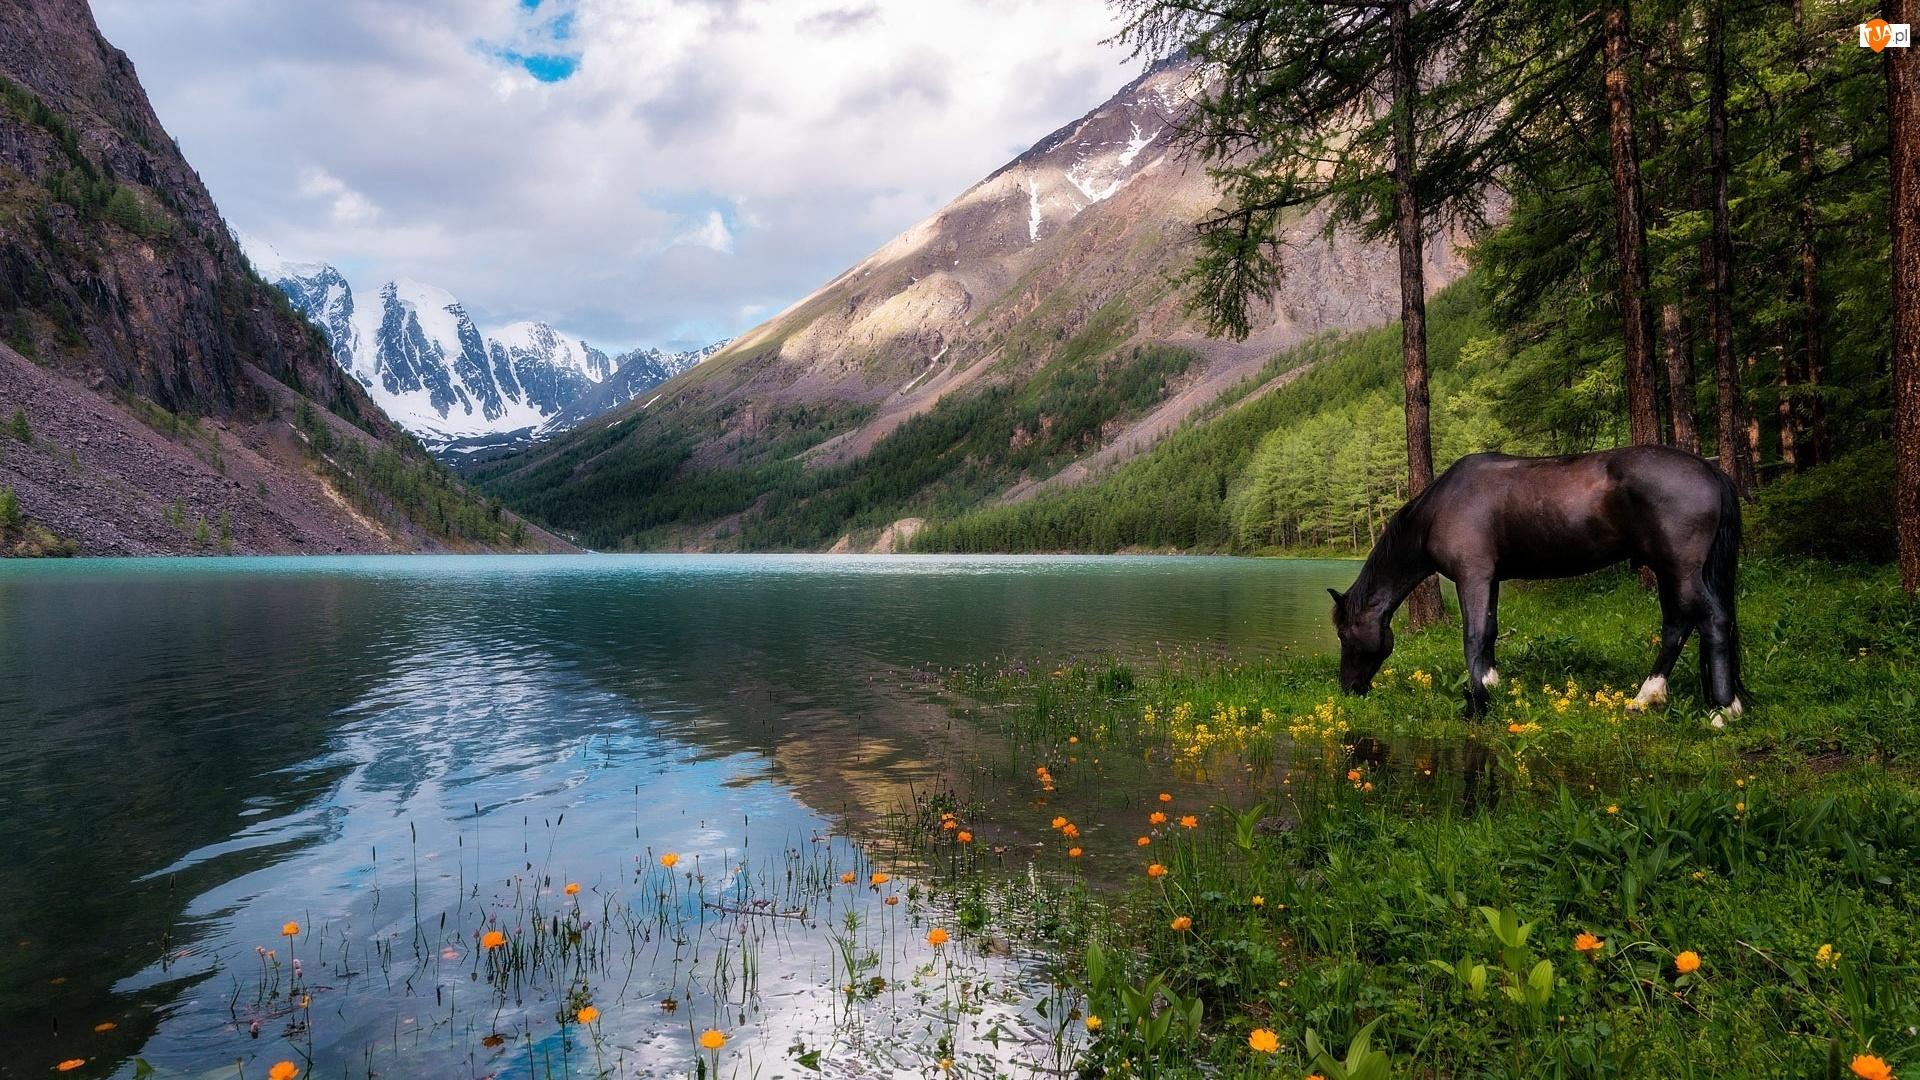 Koń, Drzewa, Jezioro, Góry, Kwiaty